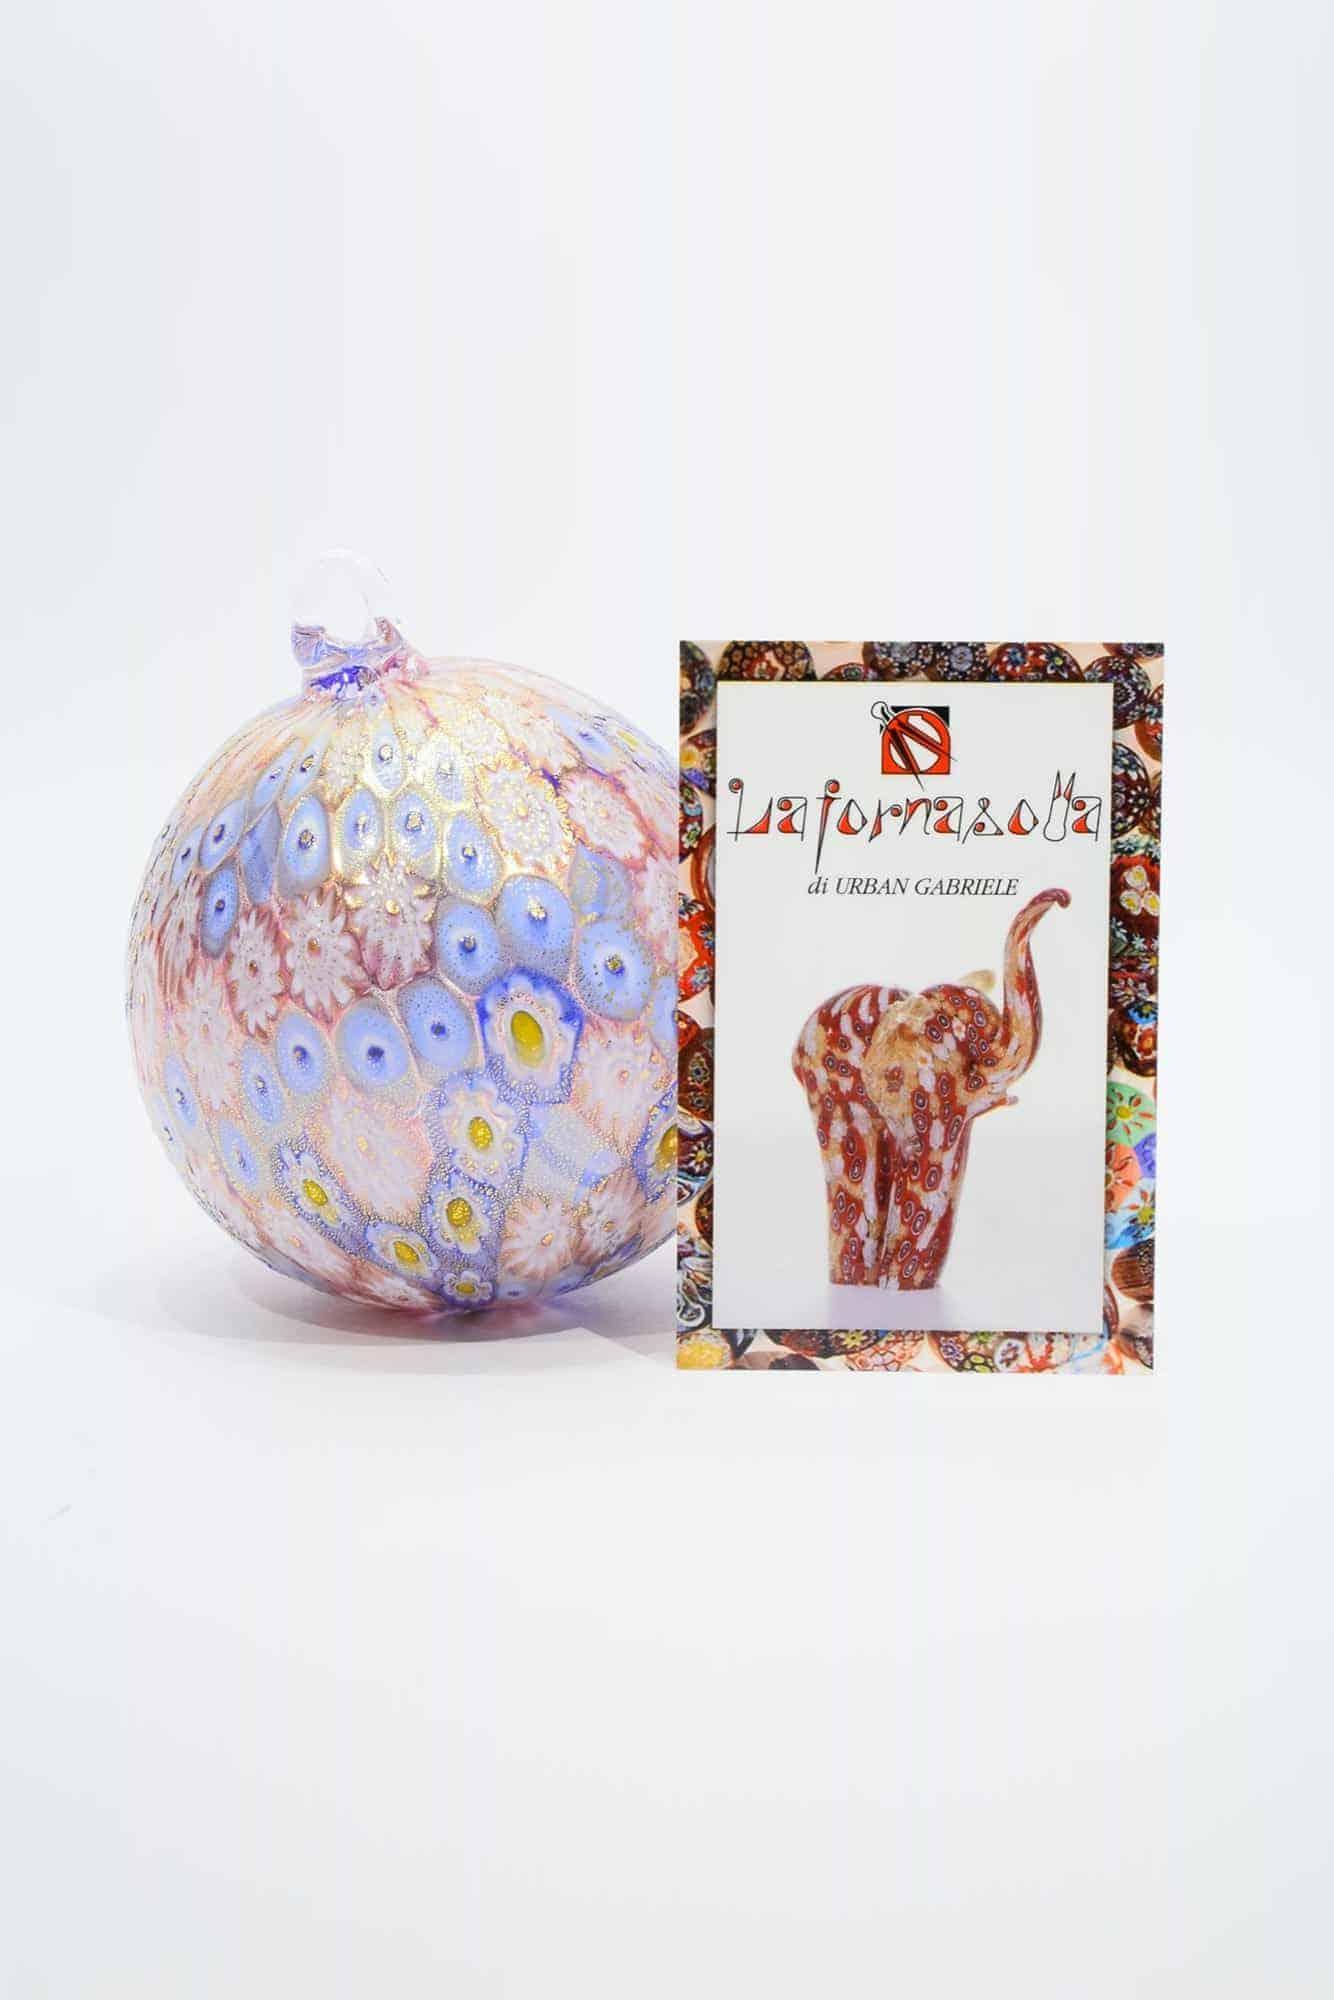 Елочный шар с муррином из муранского стекла (Art. 9259)